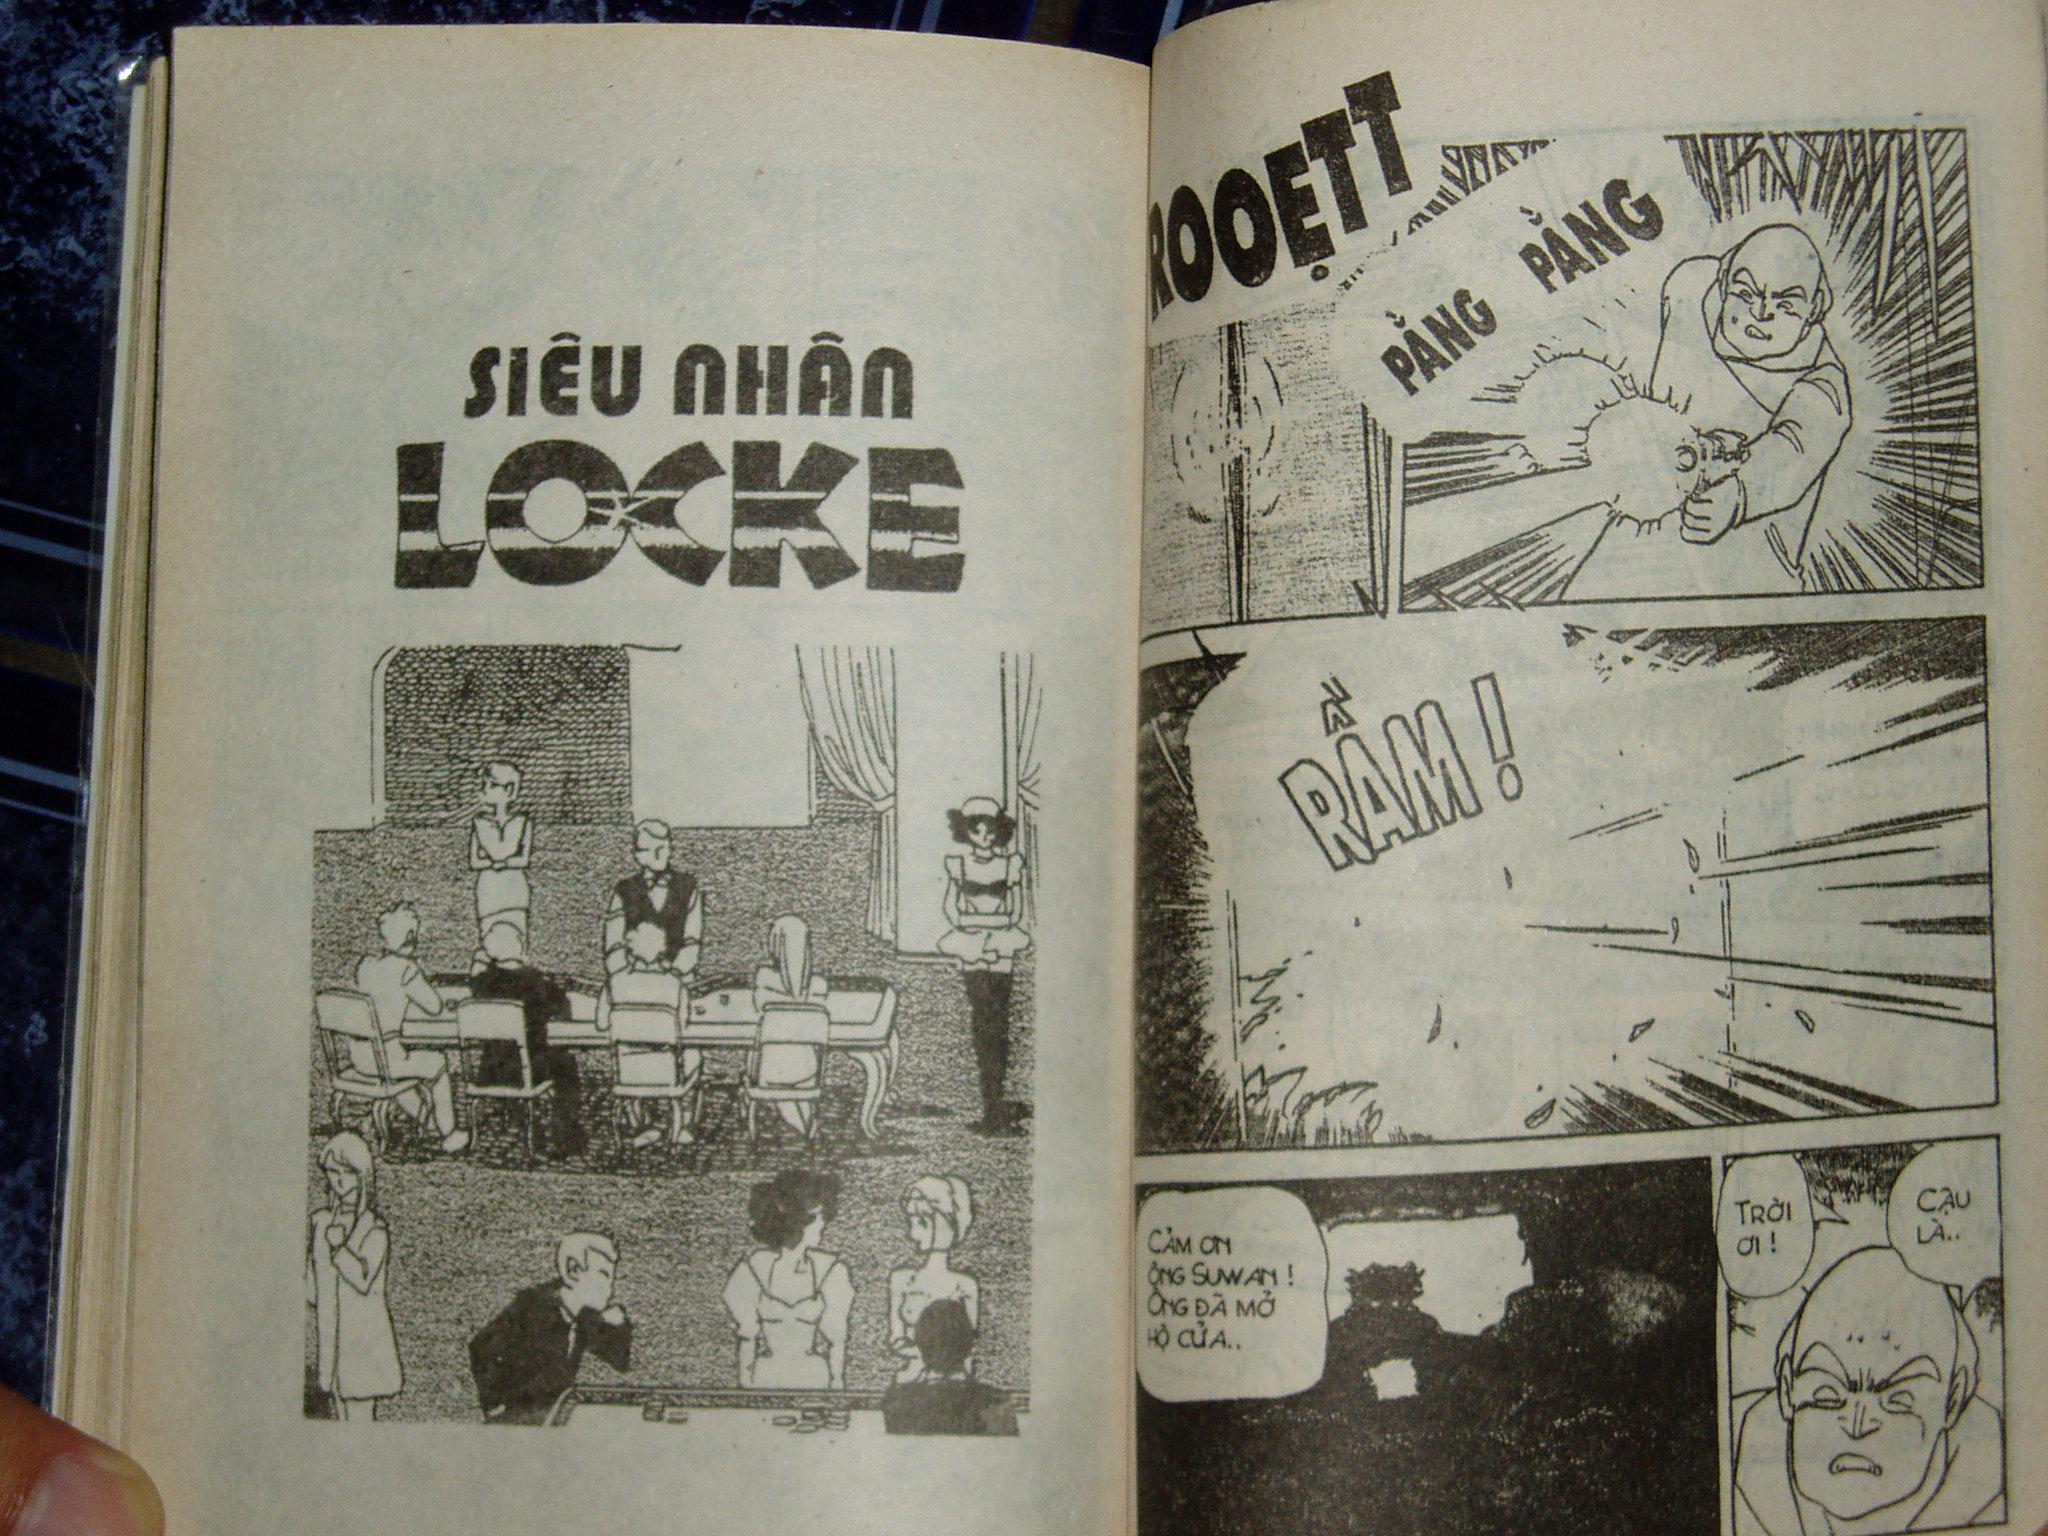 Siêu nhân Locke vol 14 trang 60